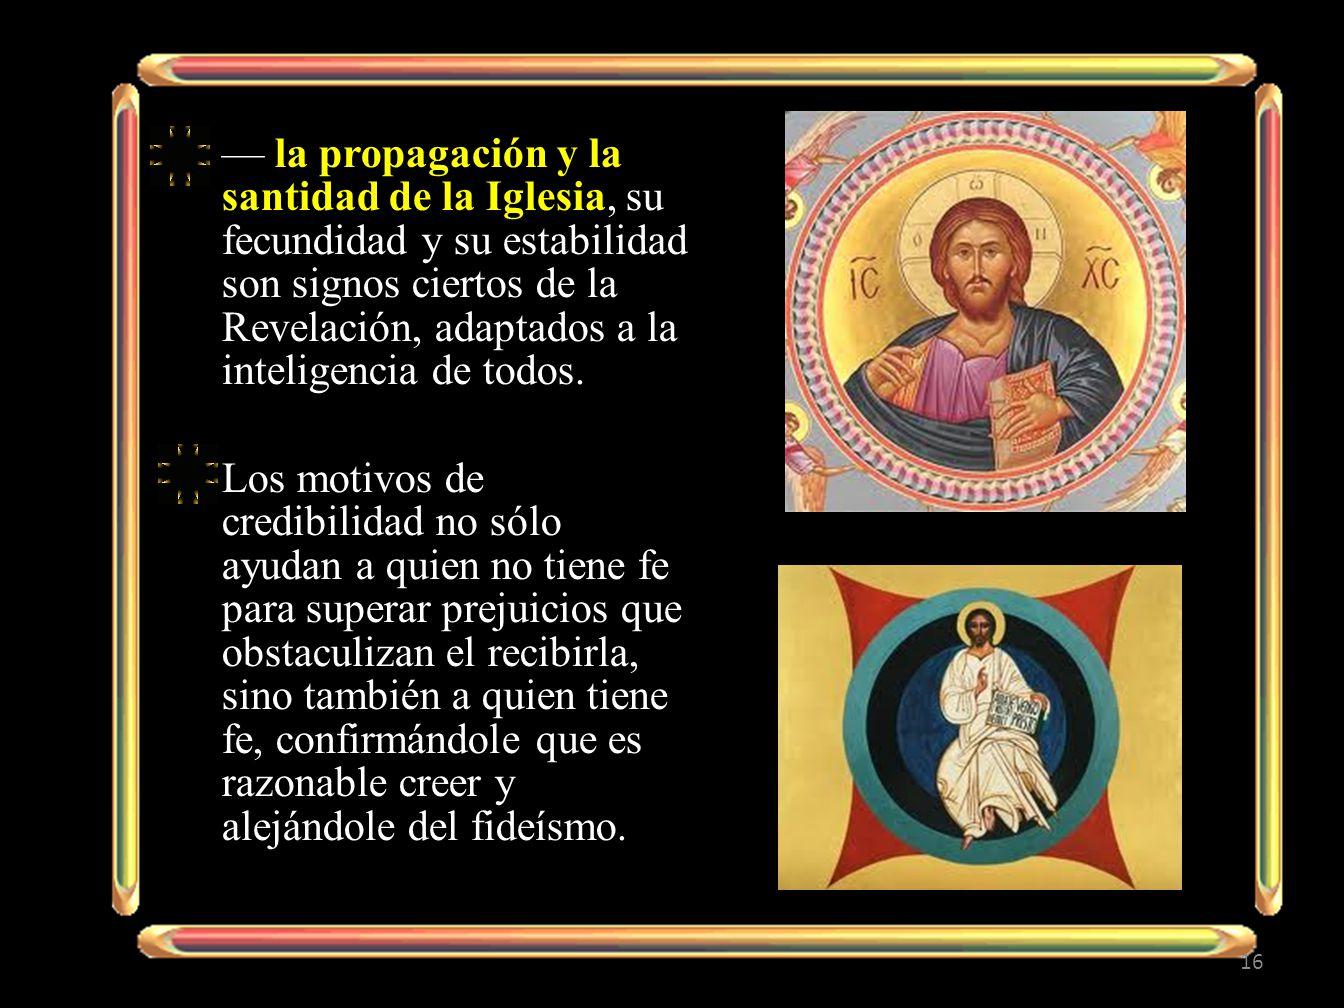 — la propagación y la santidad de la Iglesia, su fecundidad y su estabilidad son signos ciertos de la Revelación, adaptados a la inteligencia de todos.